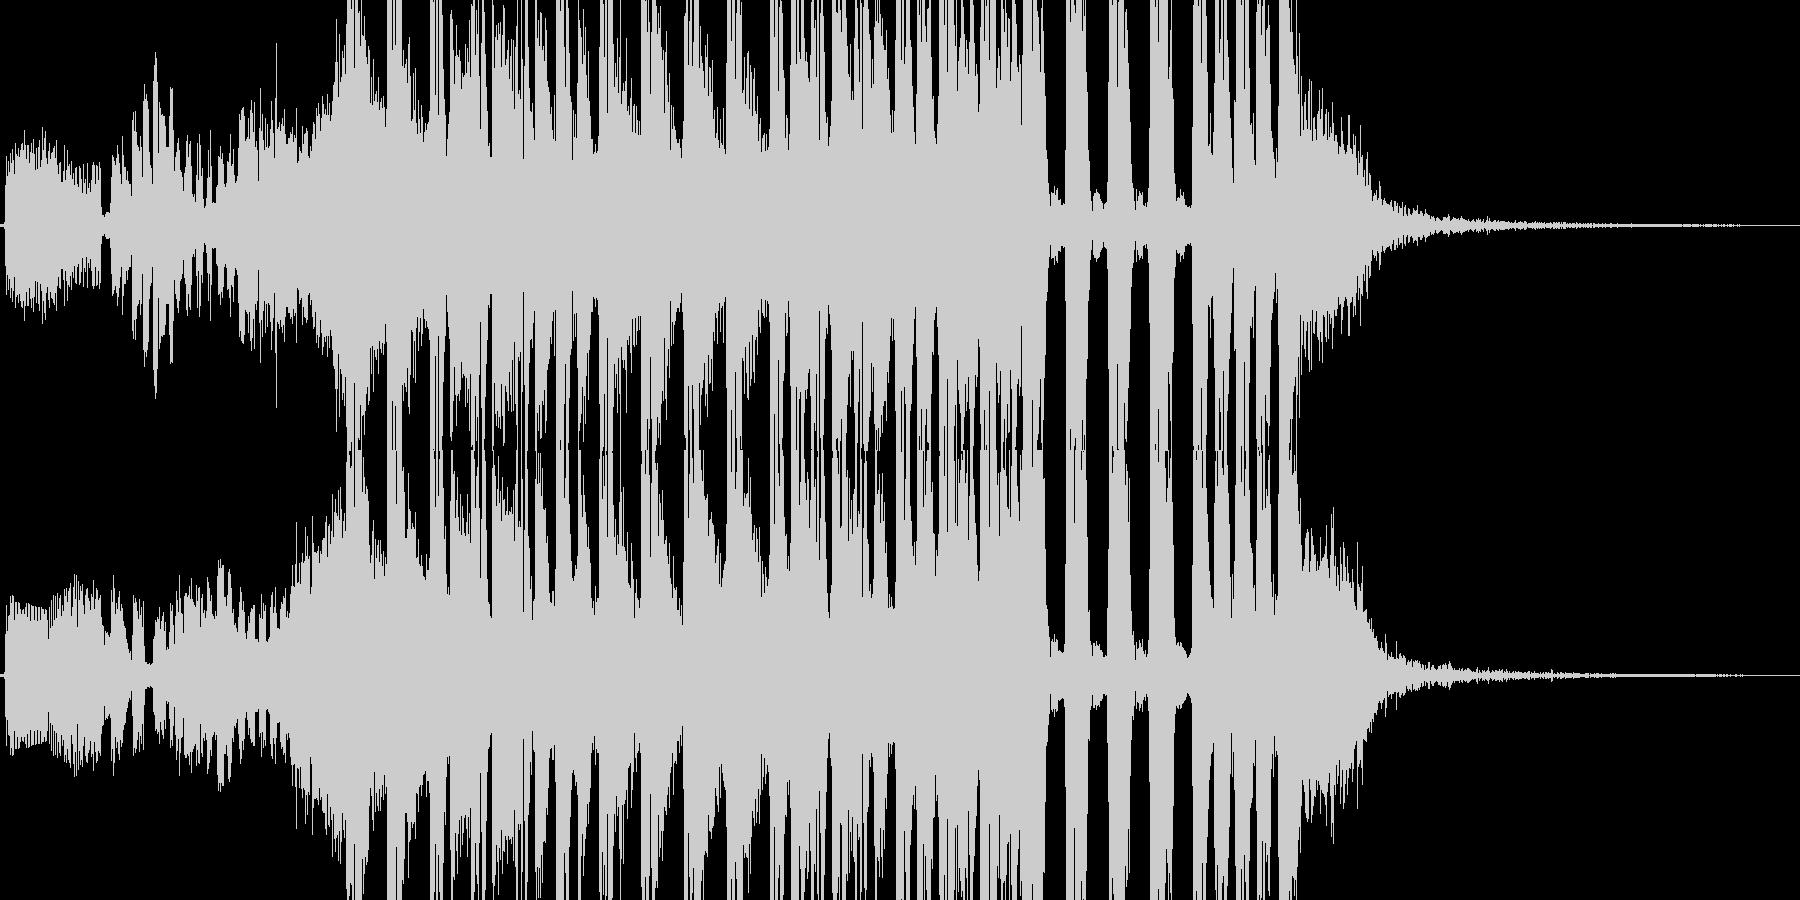 駆け足、徒競走イメージのテクノジングルの未再生の波形